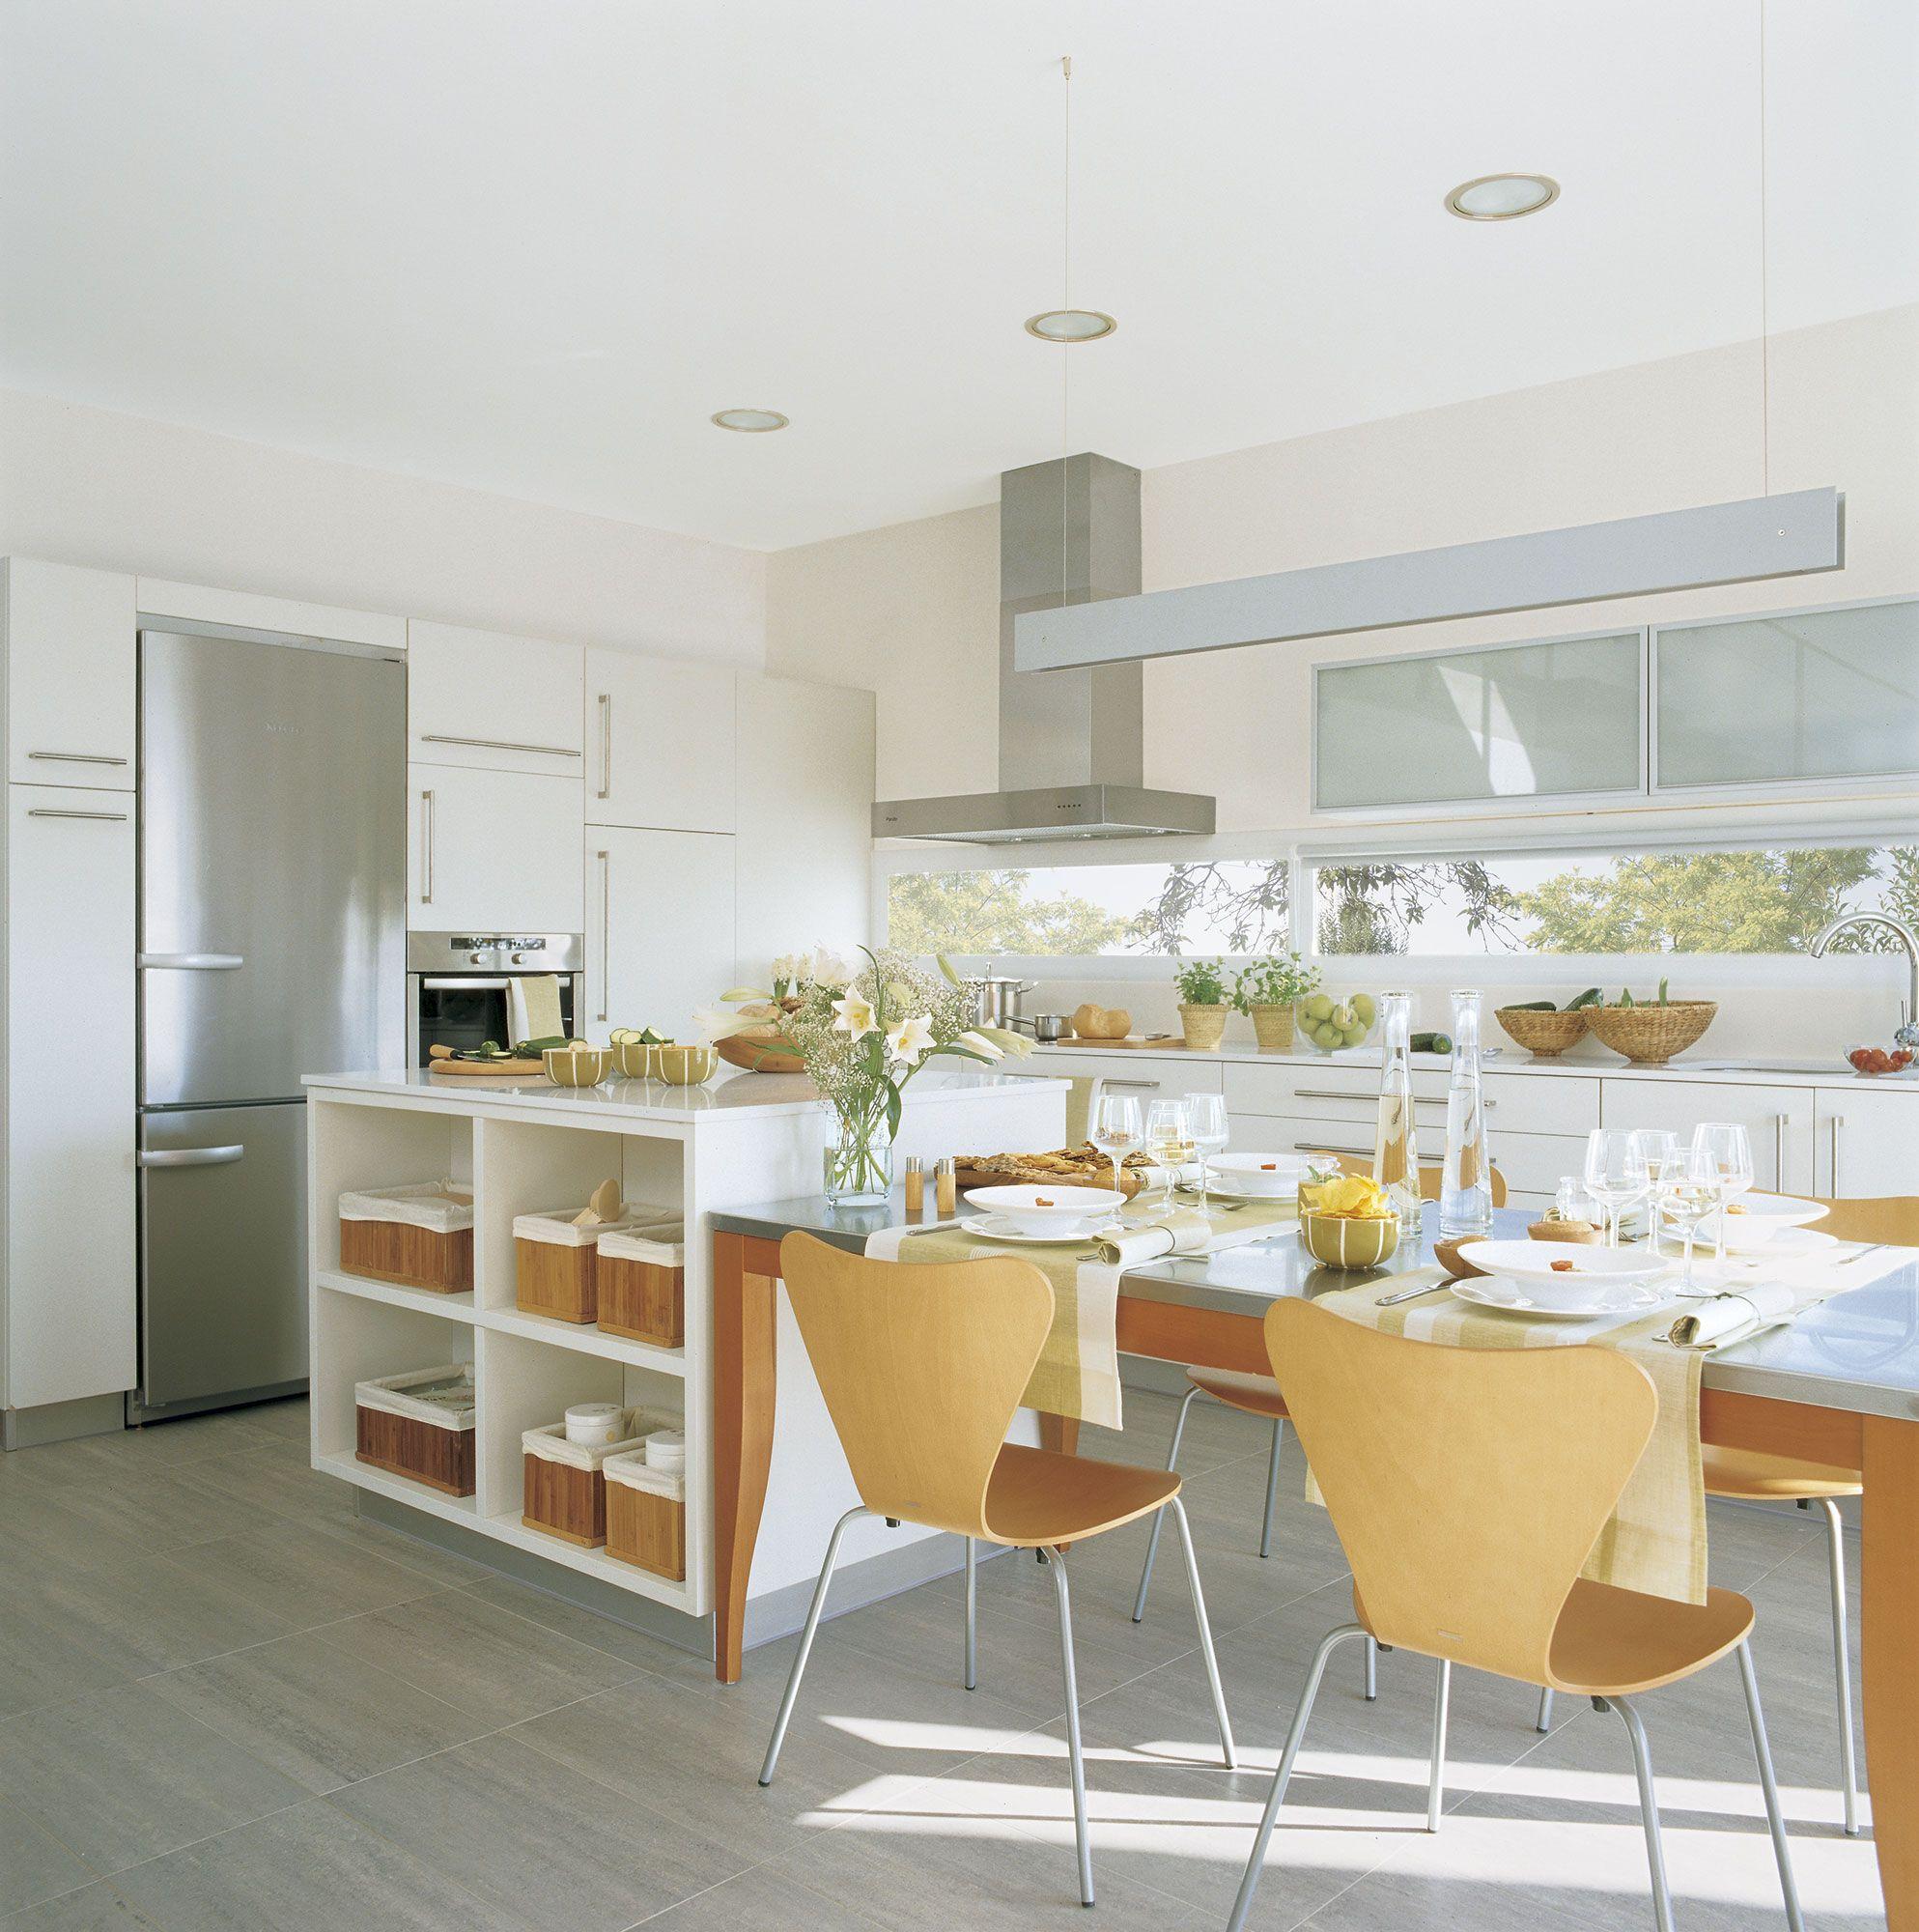 Cocina De Estilo Contempor Neo Con Muebles Blancos  # Muebles Campo Gibraltar